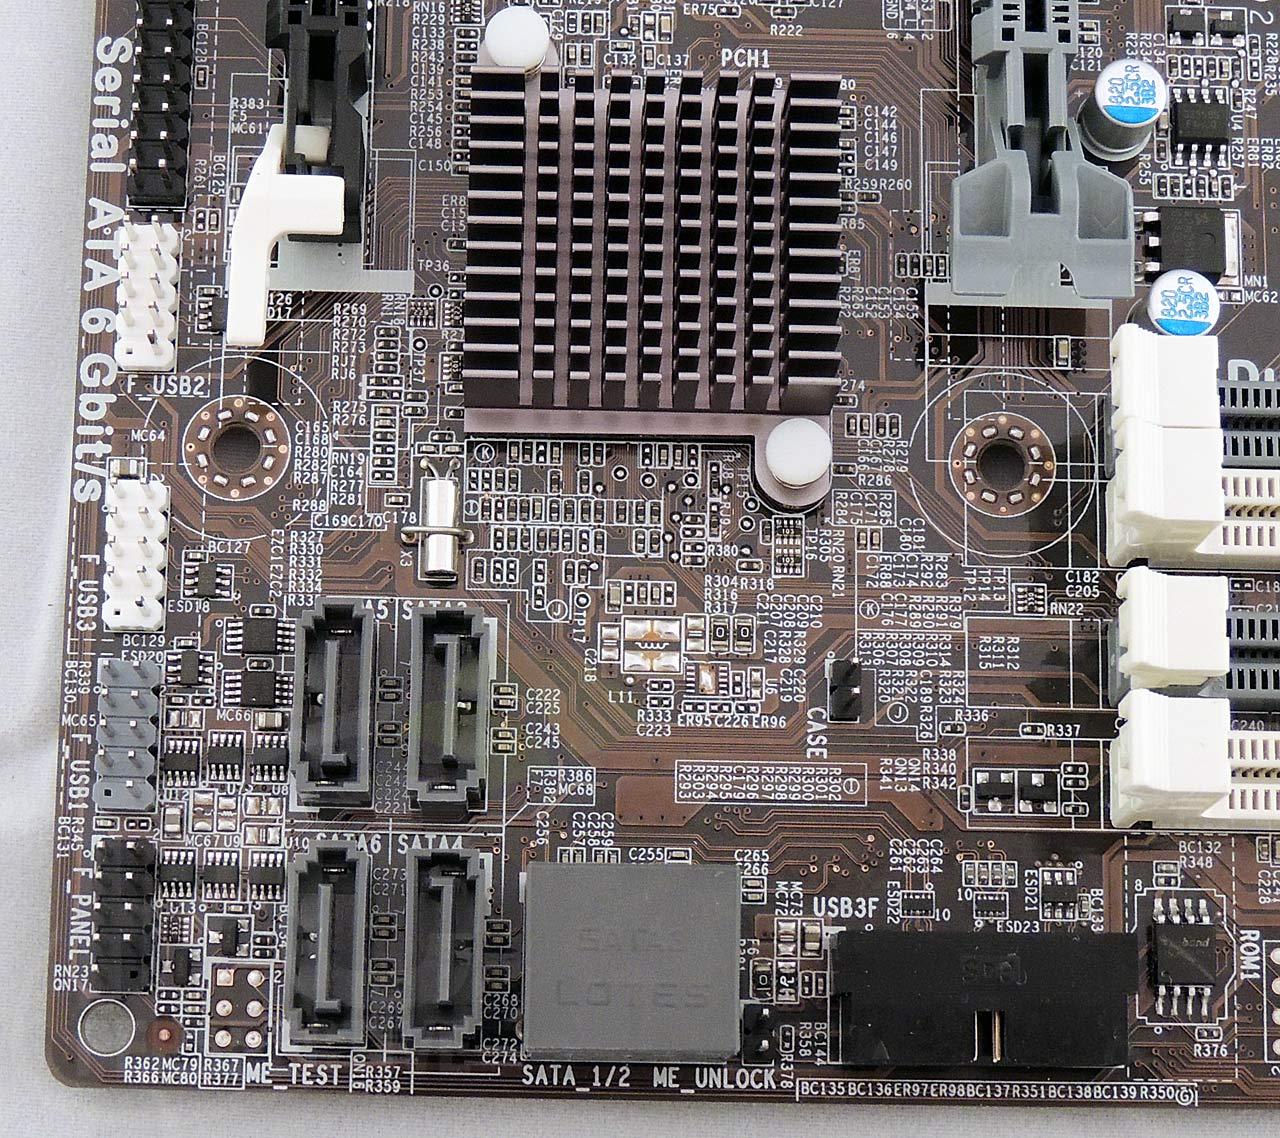 09-chipset.jpg